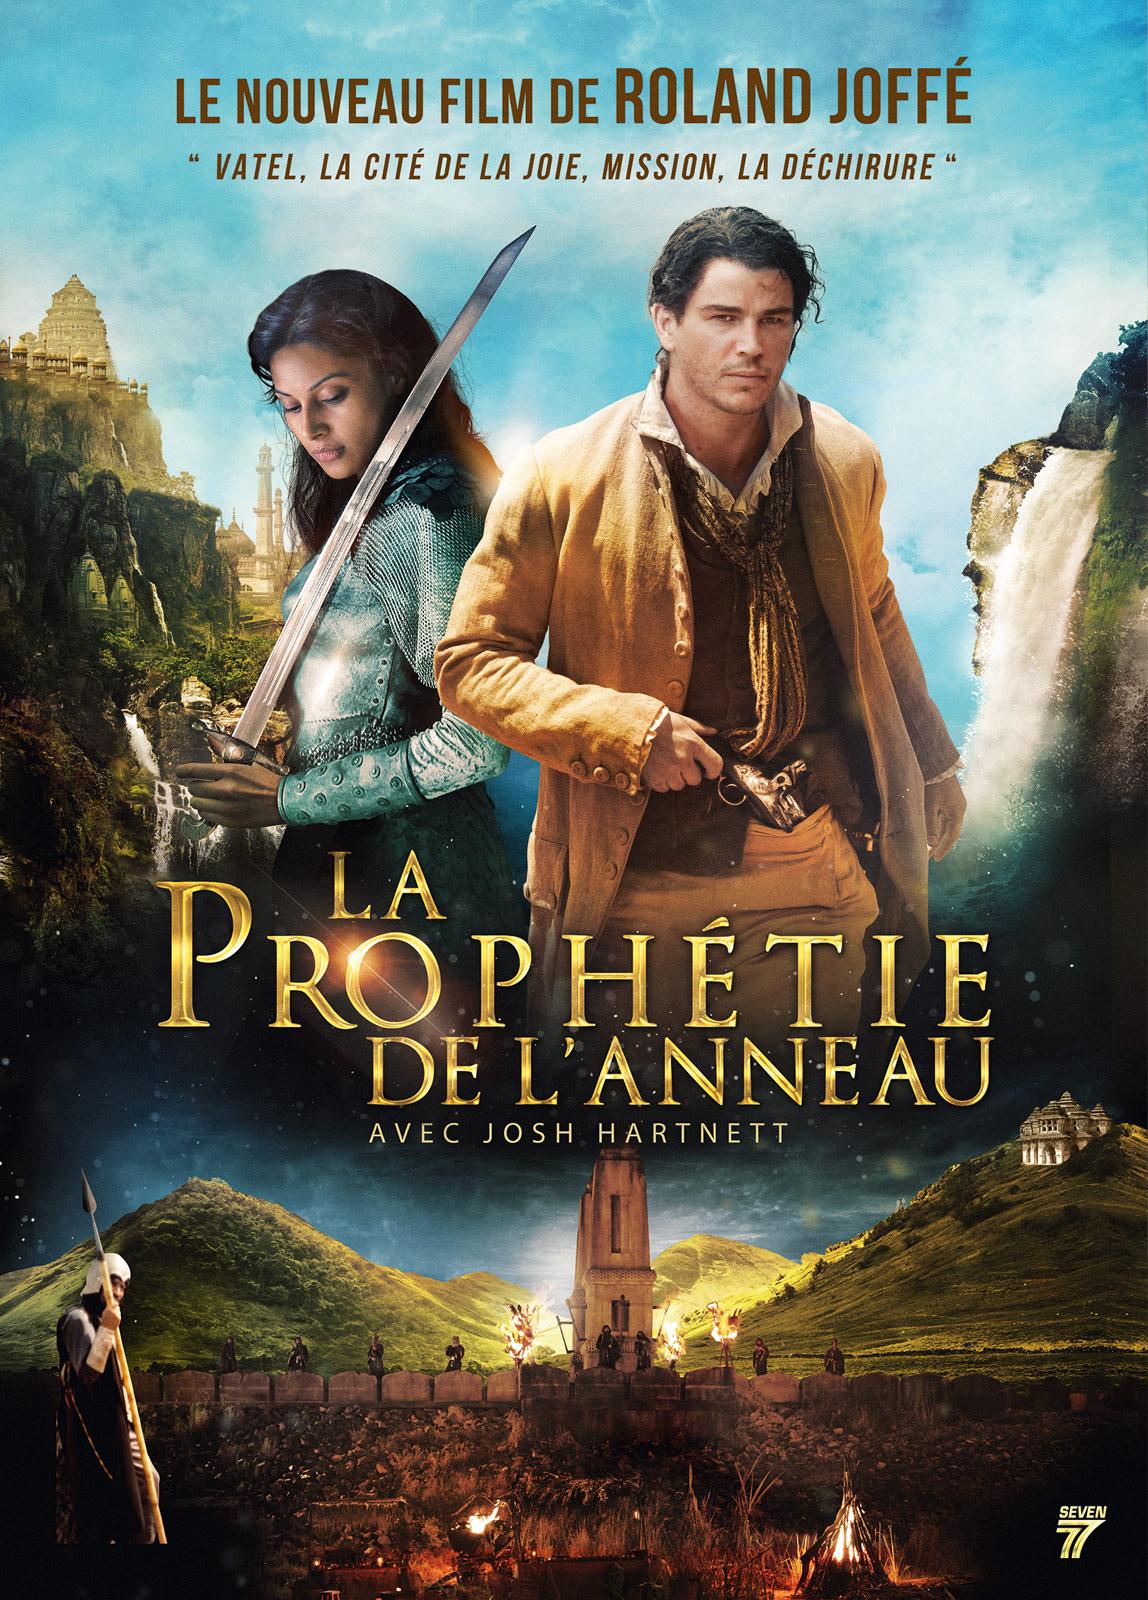 La Prophétie de l'anneau FRENCH BDRiP